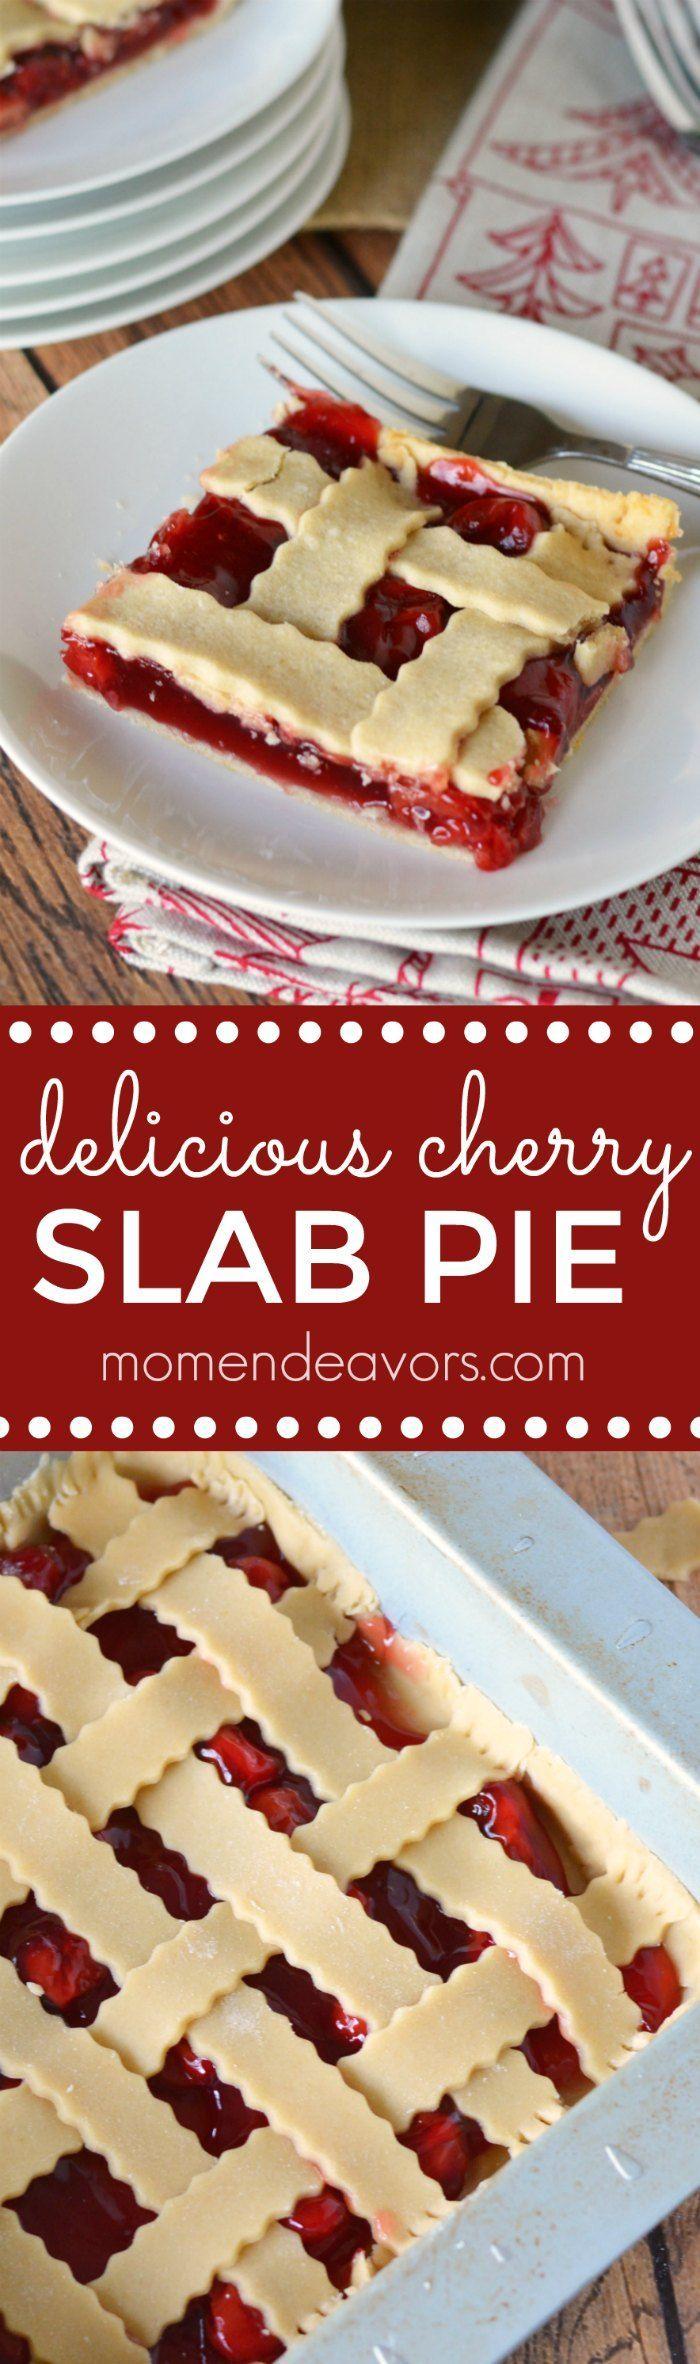 Easy & Delicious Cherry Slab Pie